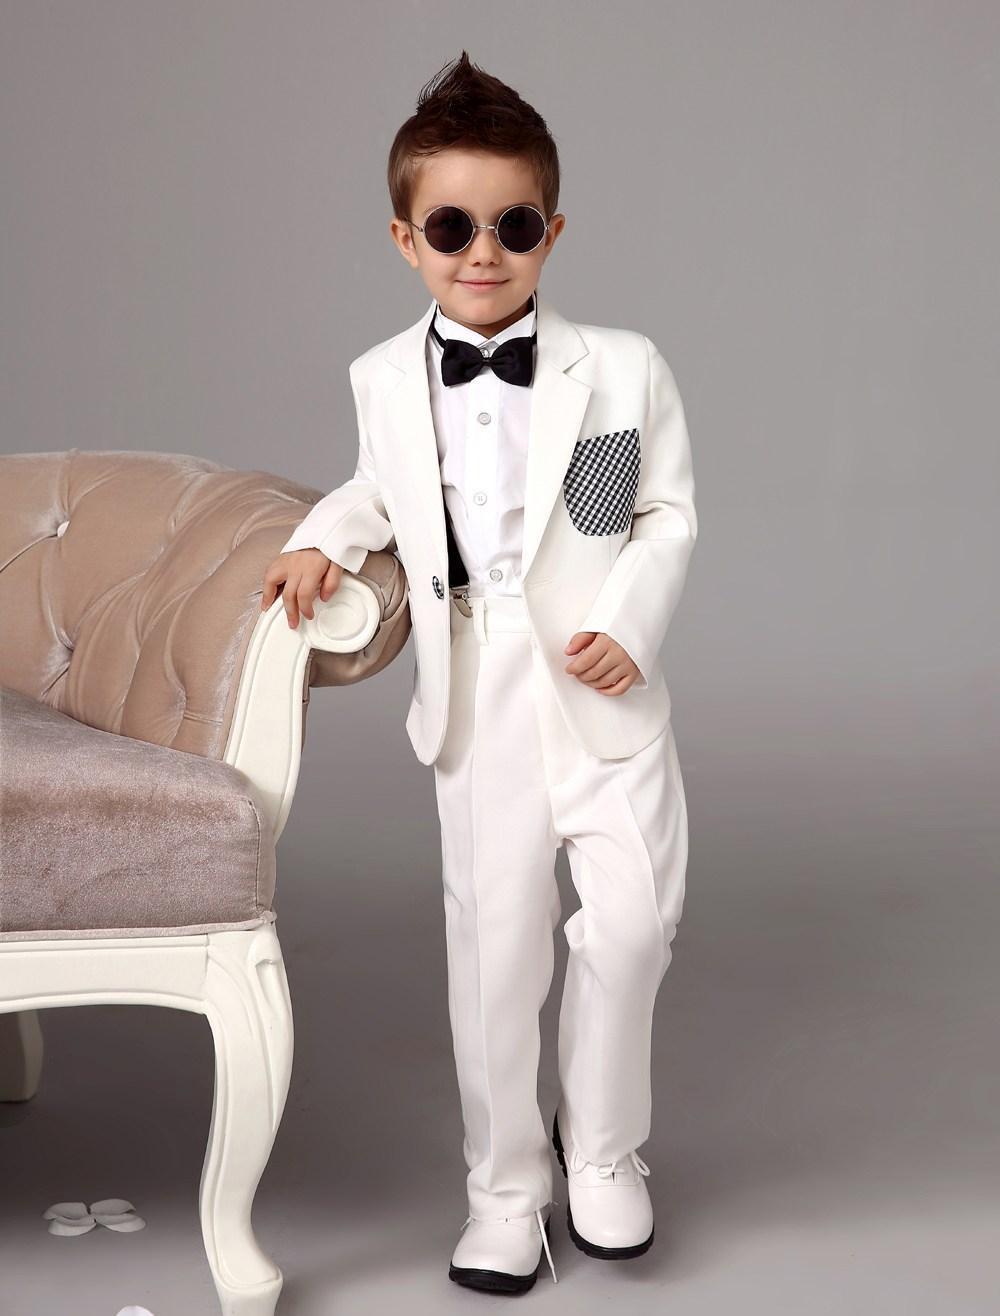 Blanc anneau porteur costumes tendance garçons smoking avec noeud papillon noir enfants robe formelle garçons costumes mode enfants costumes/garçon porter costume